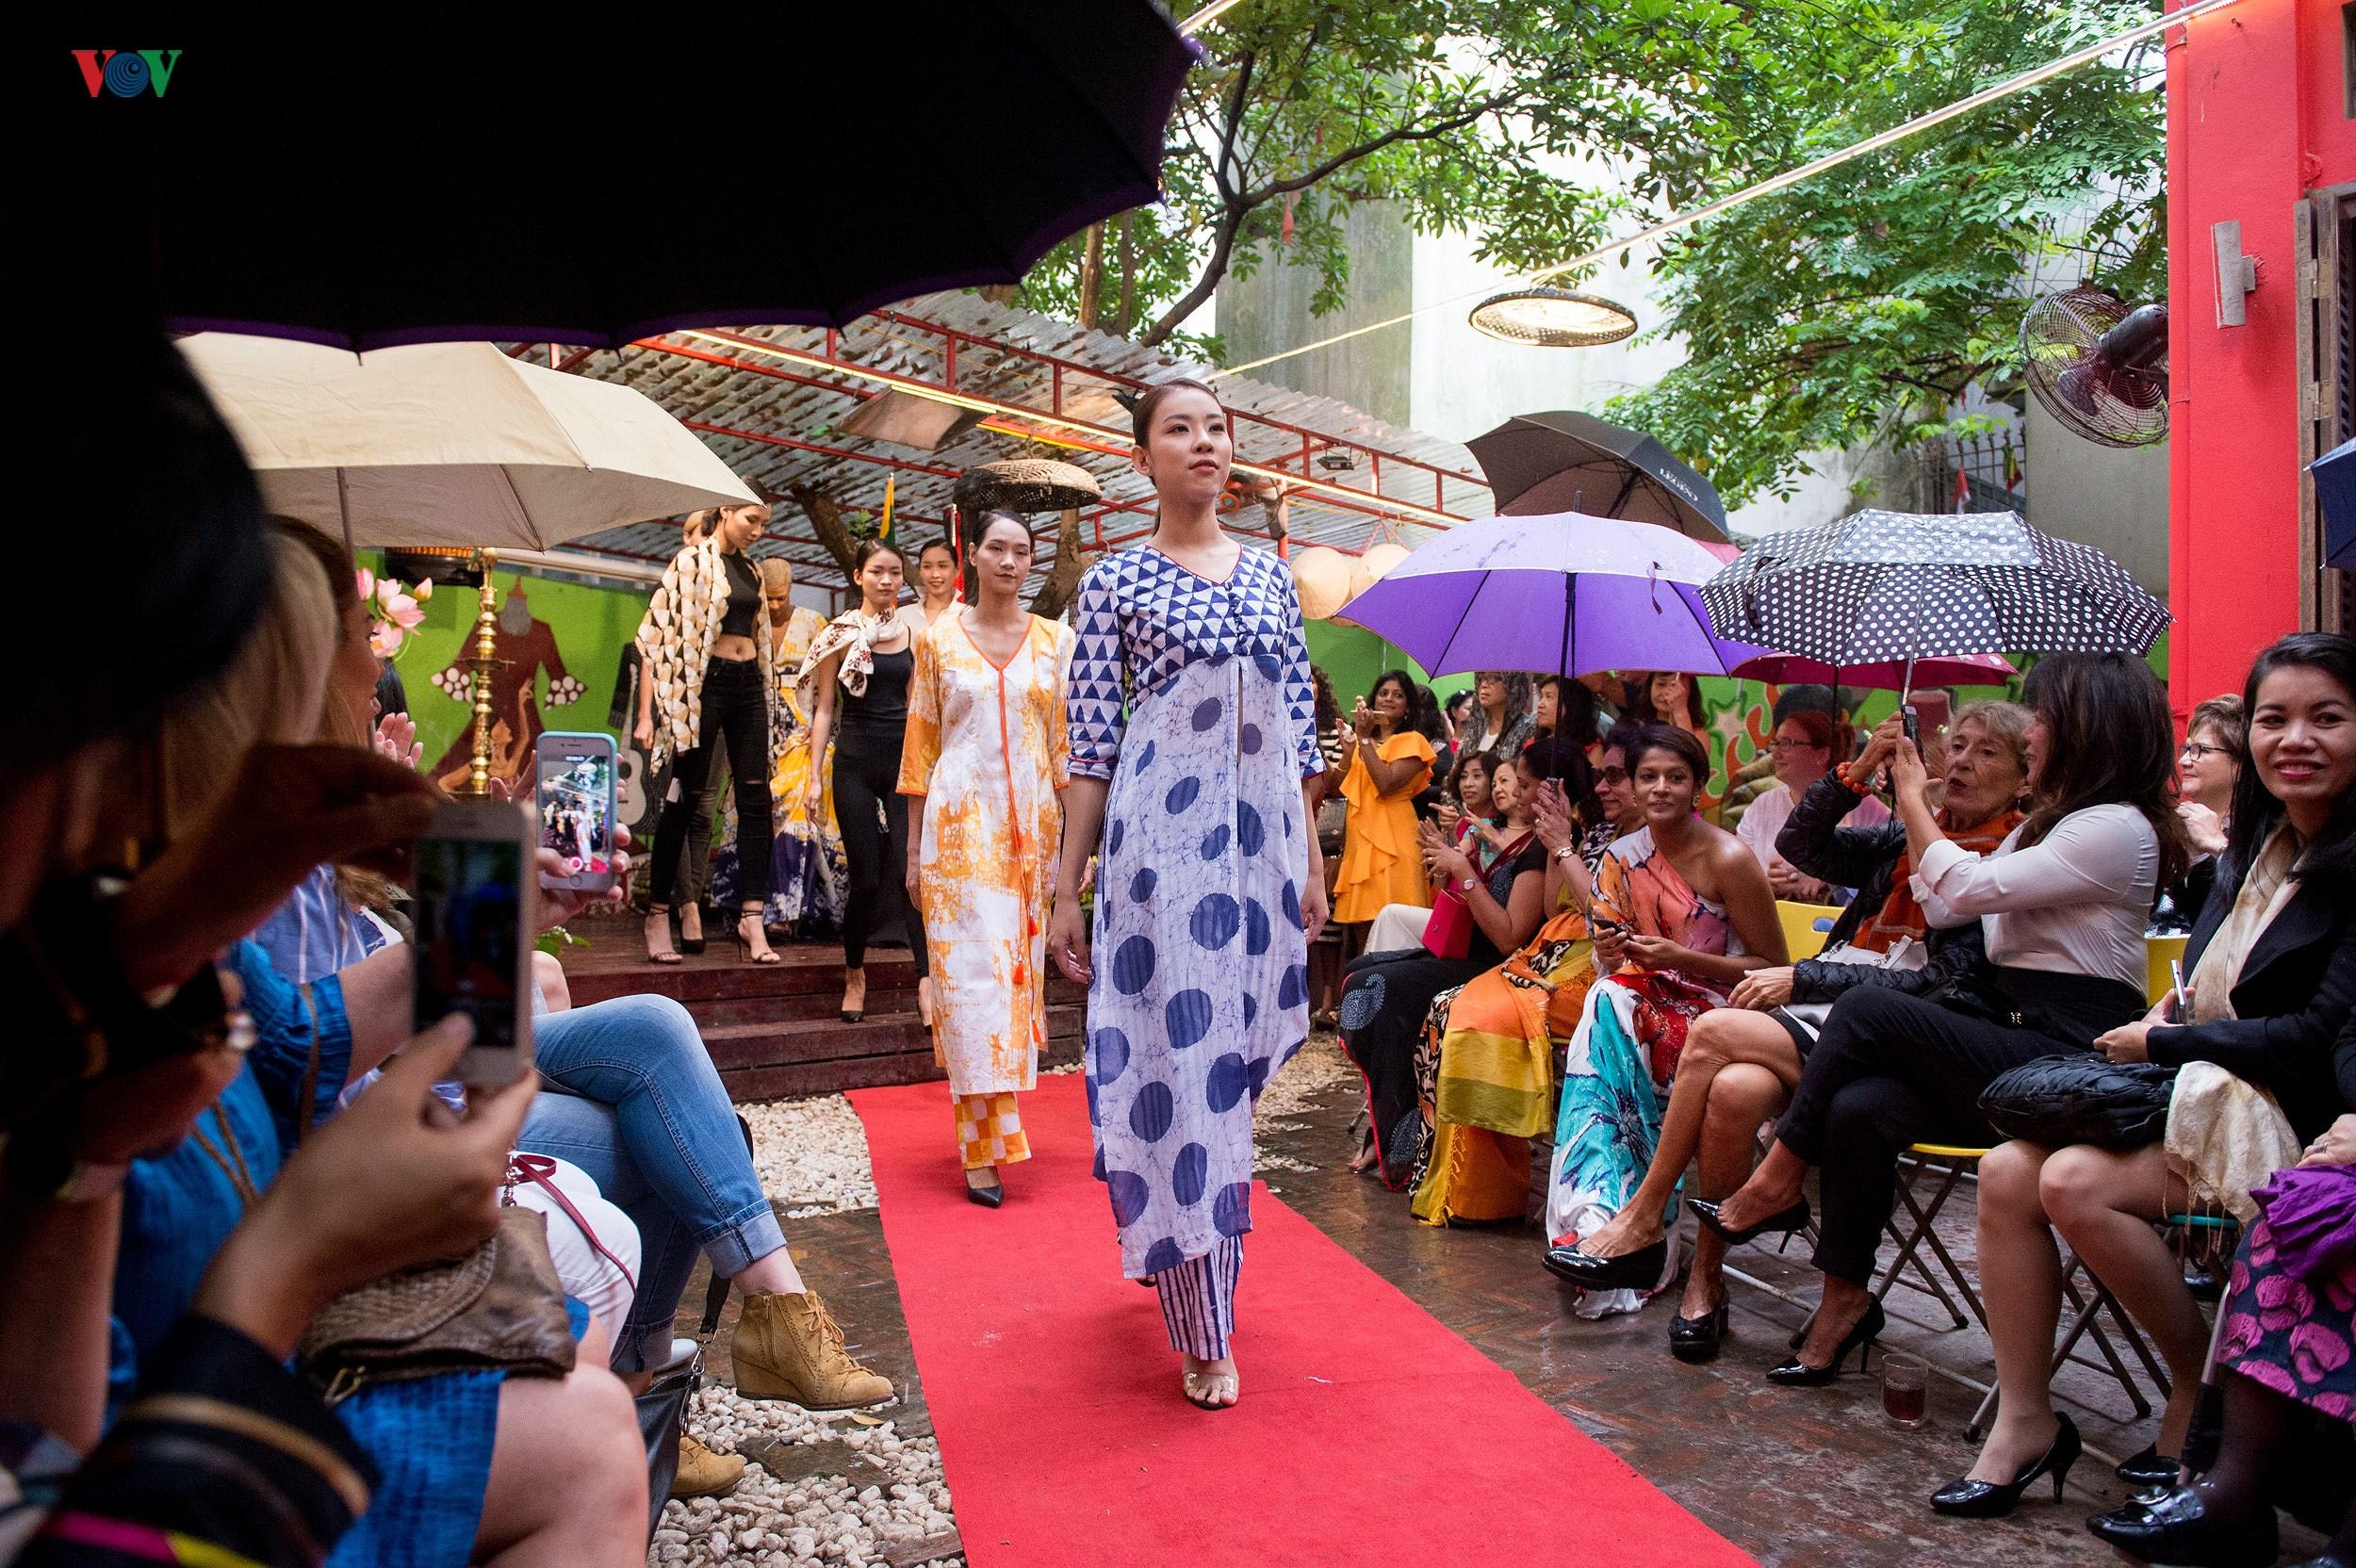 Chiêm ngưỡng bộ sưu tập thời trang đặc sắc của nhà thiết kế Sri Lanka Ảnh 1